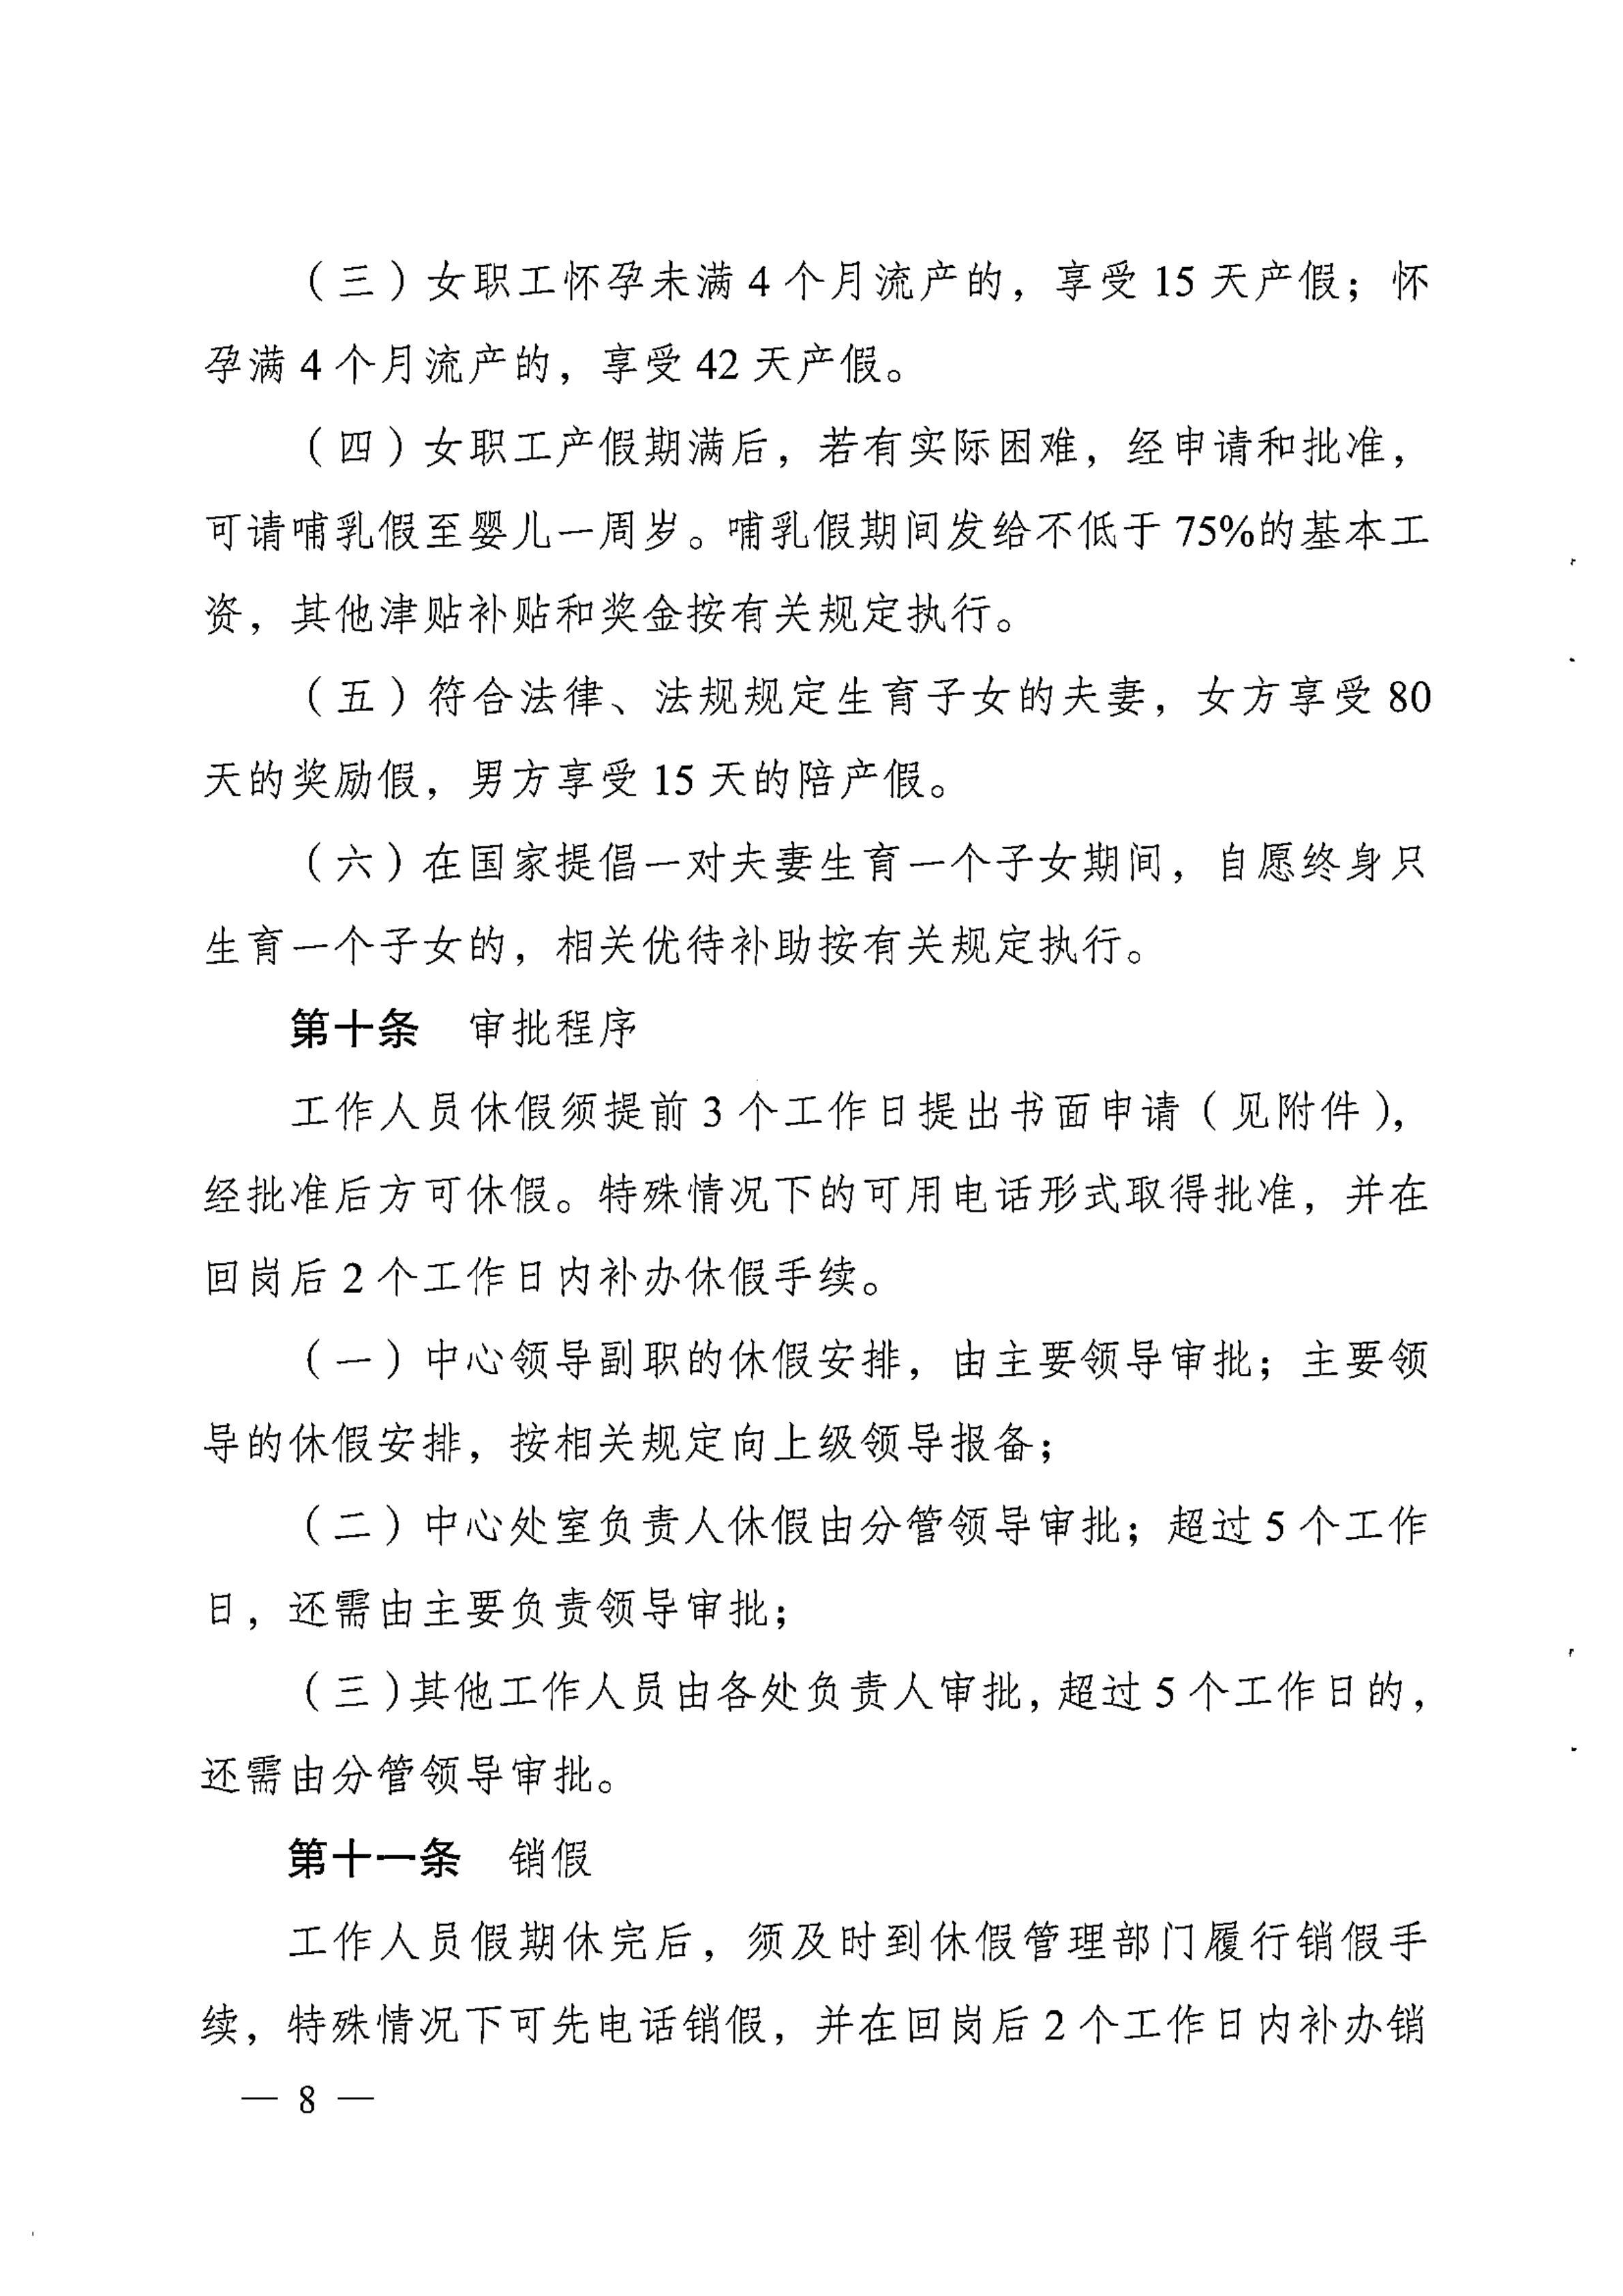 关于印发《广东省人民政府发展研究中心工作人员休假管理办法》的通知_07.jpg